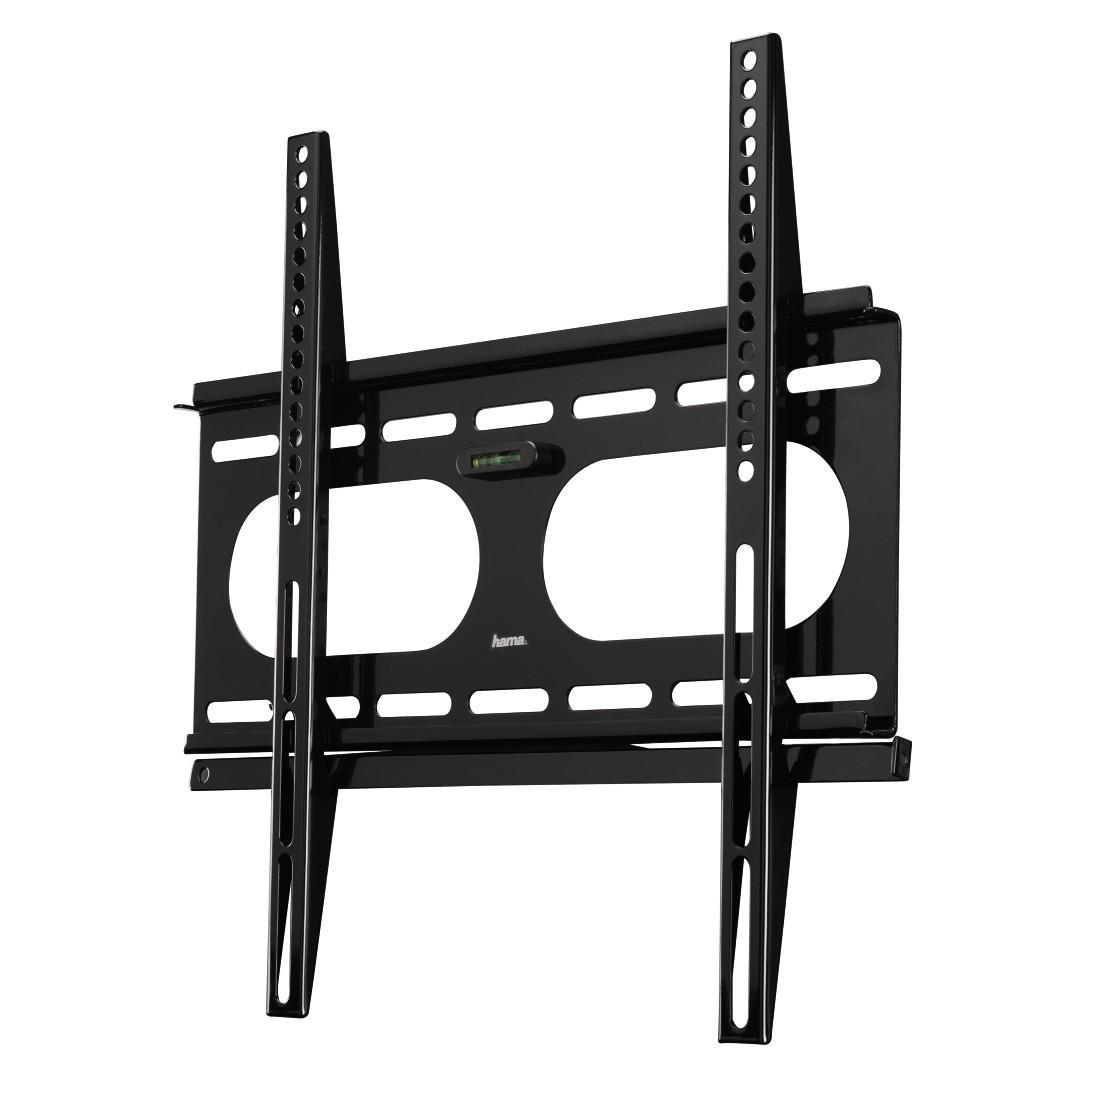 Стенна стойка за TV HAMA 11757, Фиксирана, 32-56, 50 кг, Черна